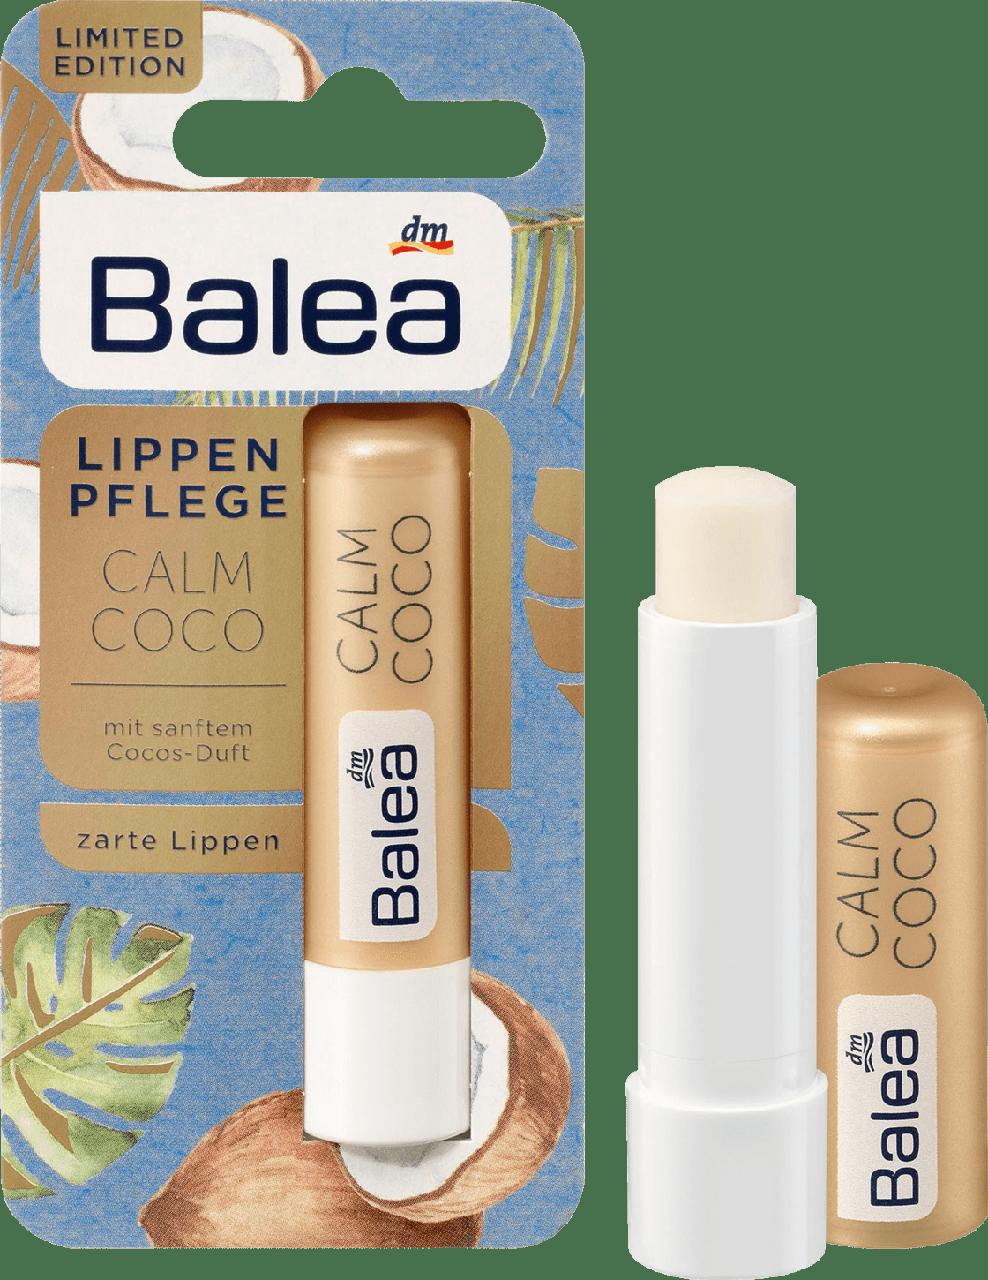 Бальзам для губ Balea Calm Coco